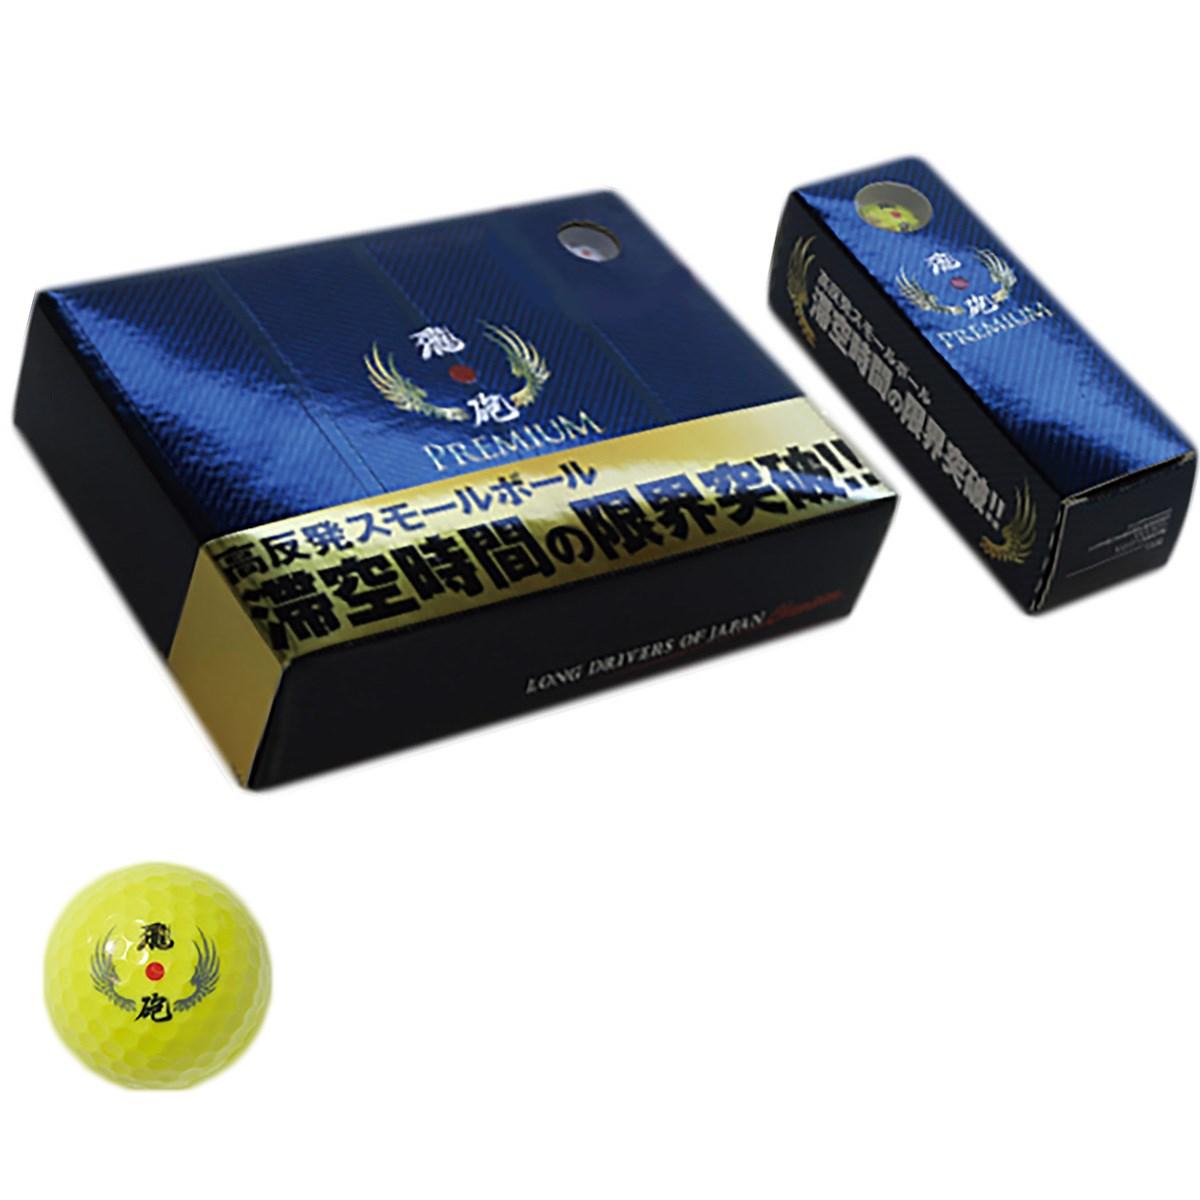 リンクス(Lynx) 高反発スモール 飛砲PREMIUM ボール 5ダースセット【非公認球】